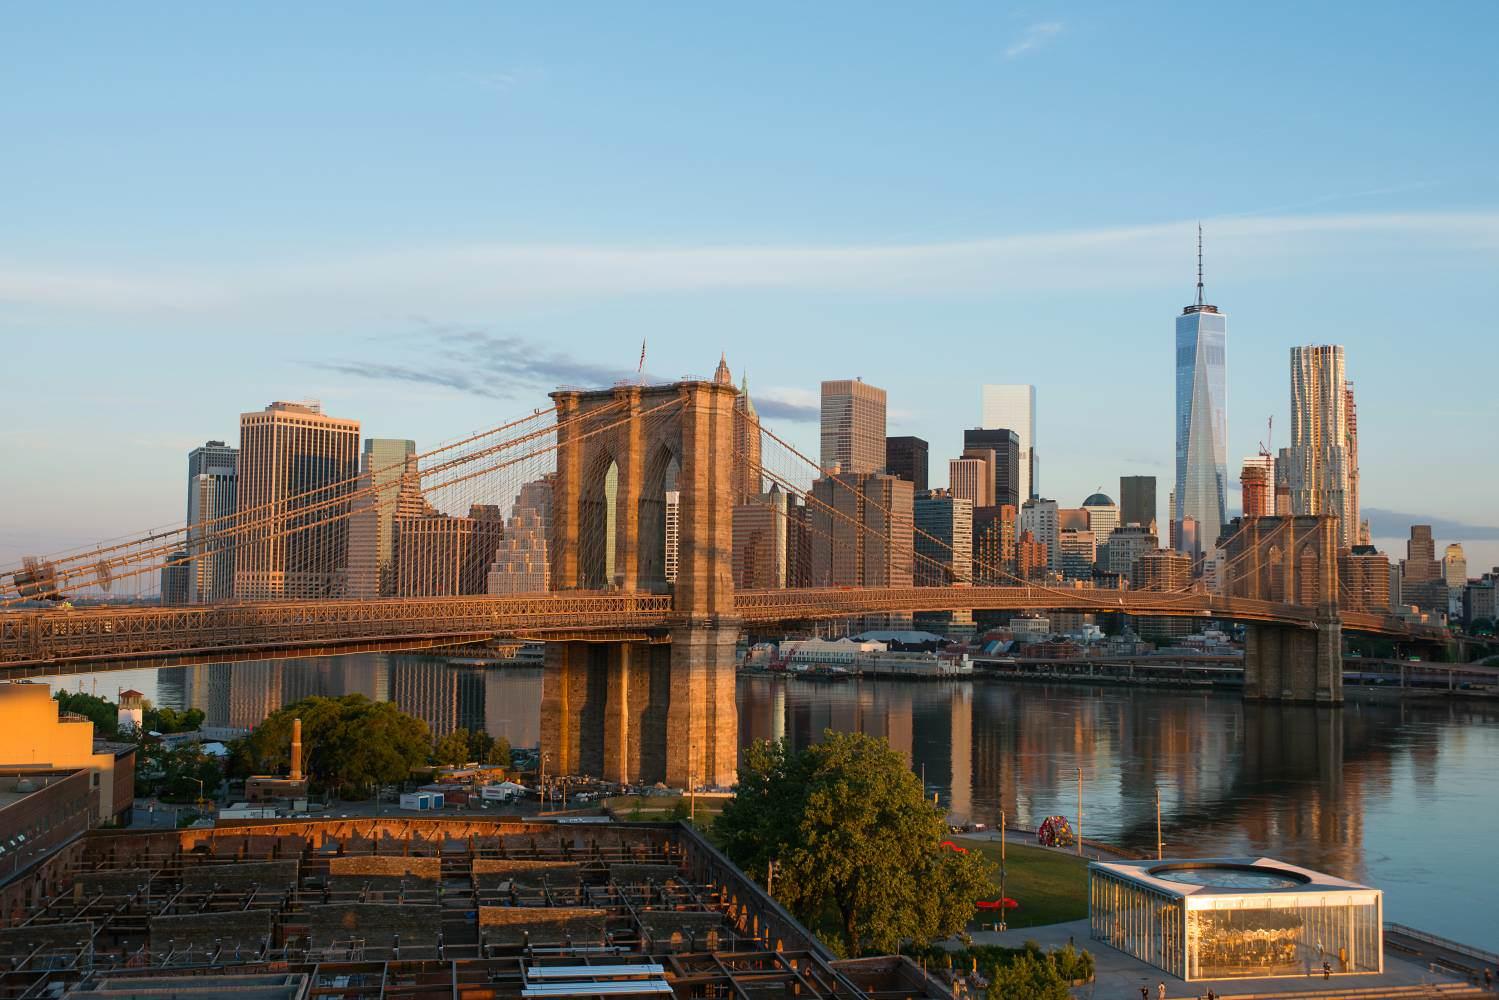 Roteiro de 3 dias em Nova York 2 dicas Viaje Global